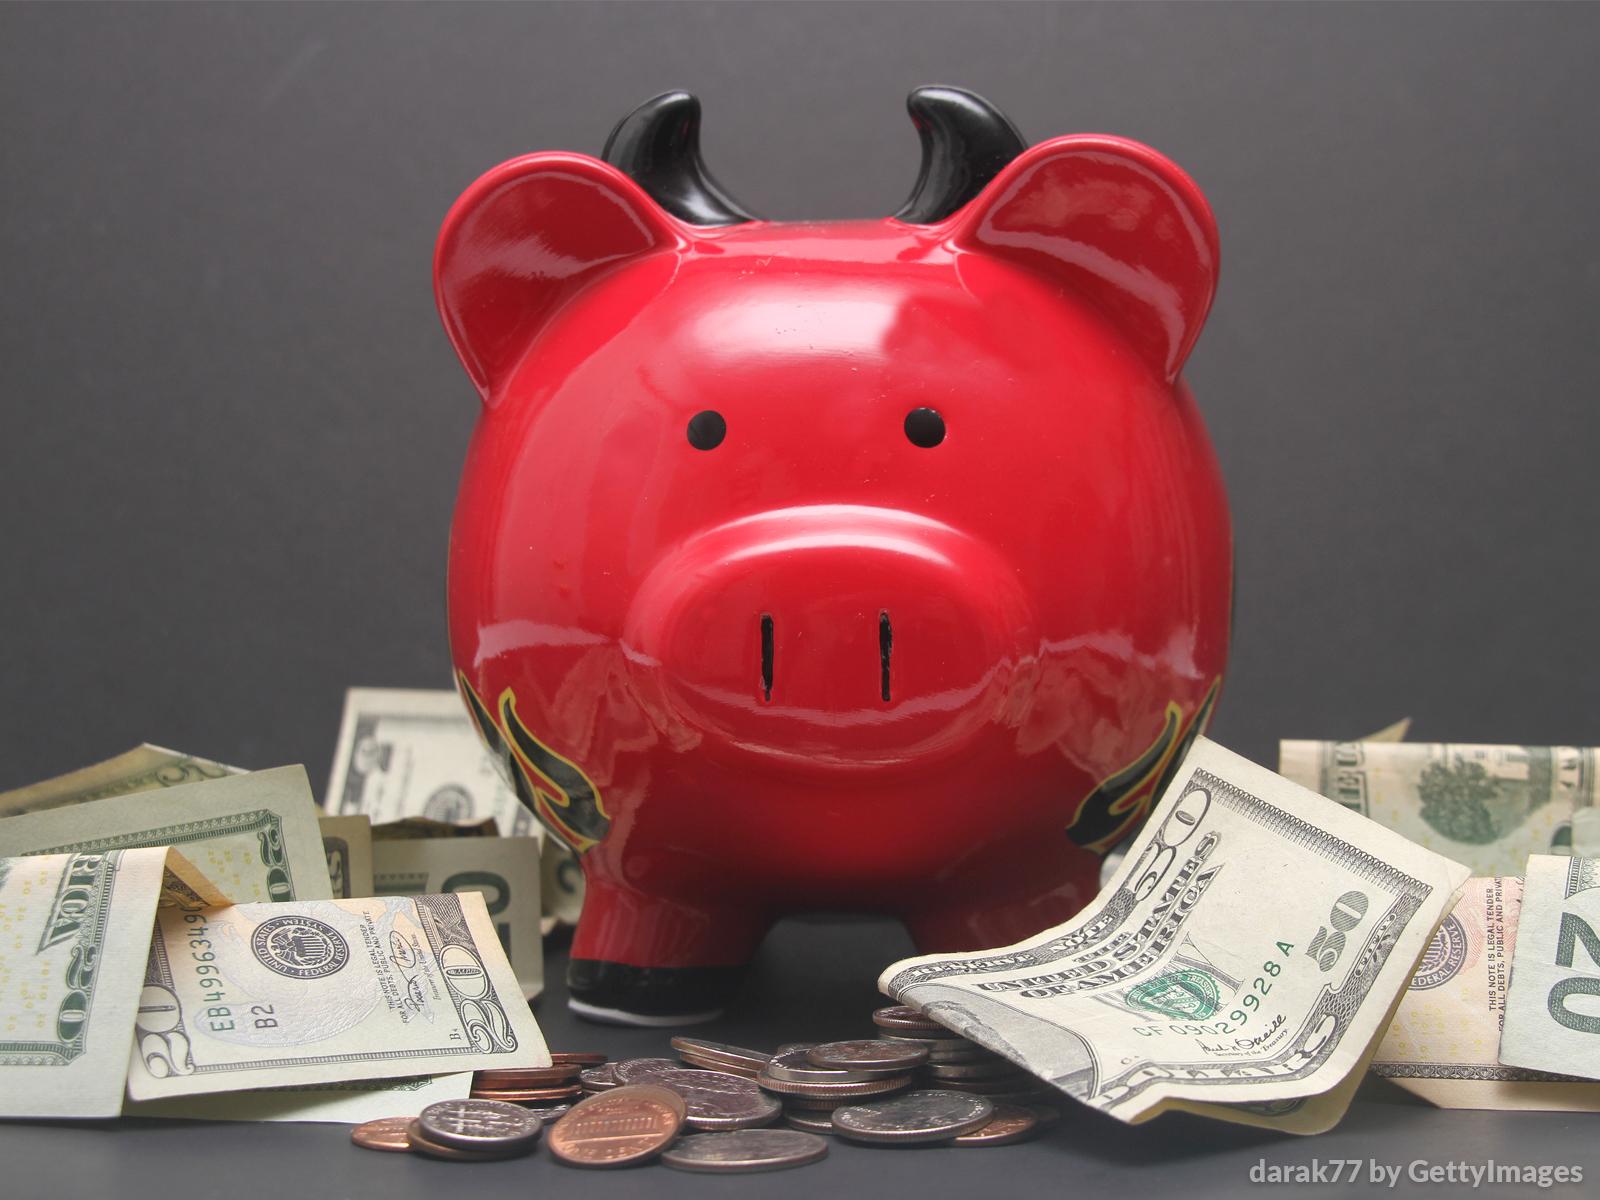 Como dizia São Paulo: O dinheiro é a raiz de todos os males